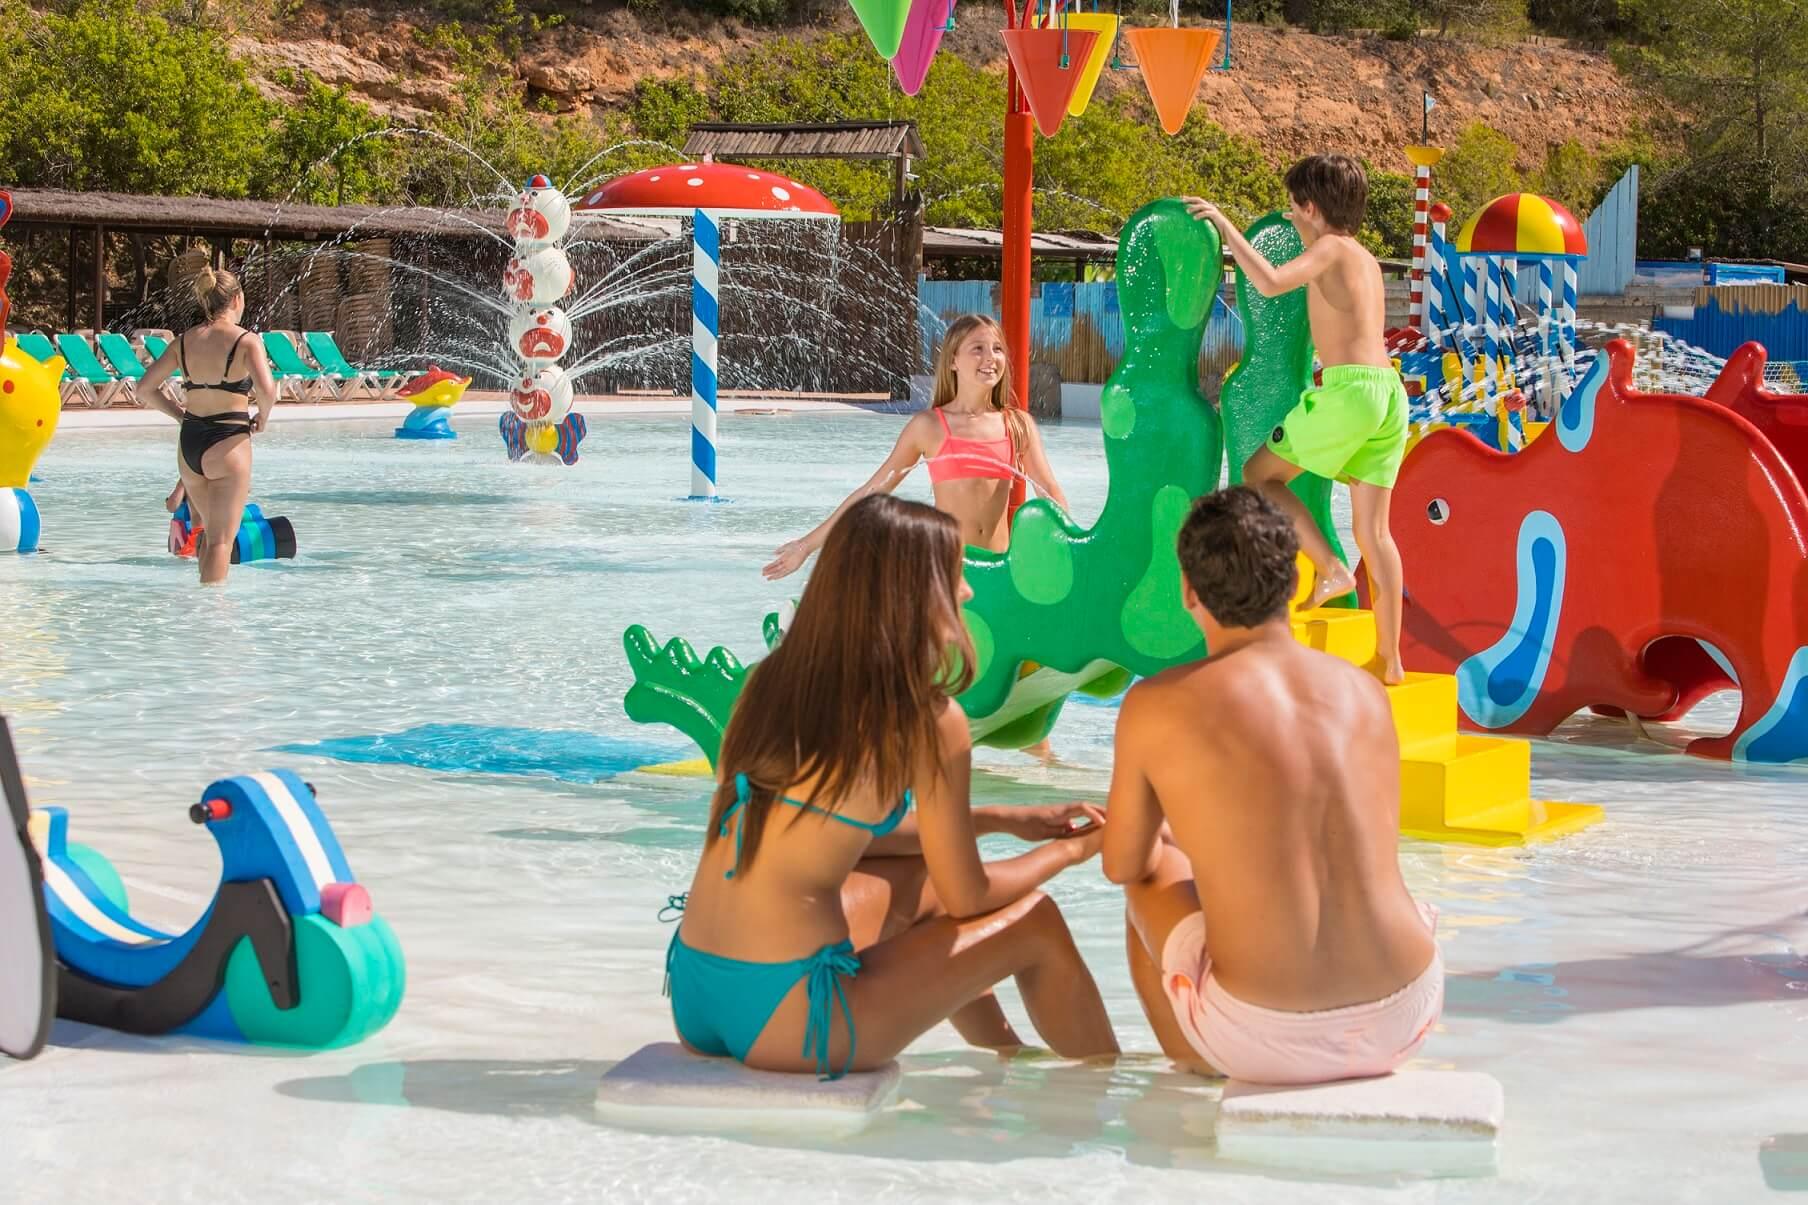 ¿Parques acuáticos para niños? Te esperamos en Aqualandia